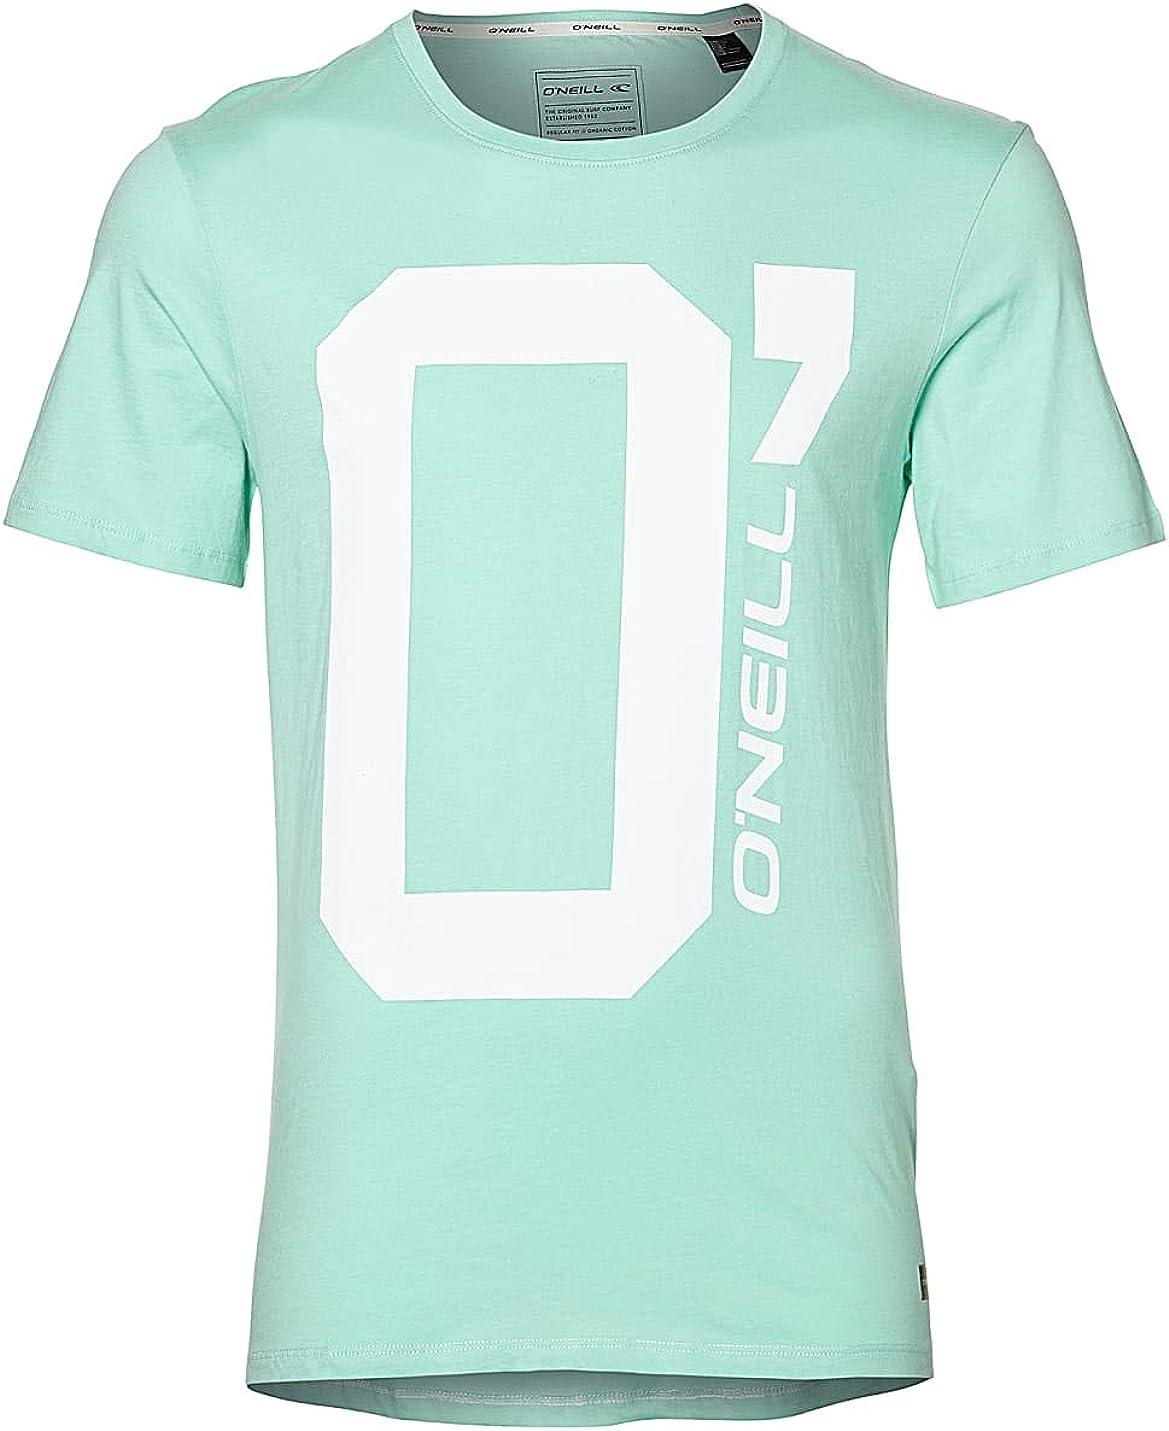 ONEILL O Camiseta, Hombre: Amazon.es: Ropa y accesorios